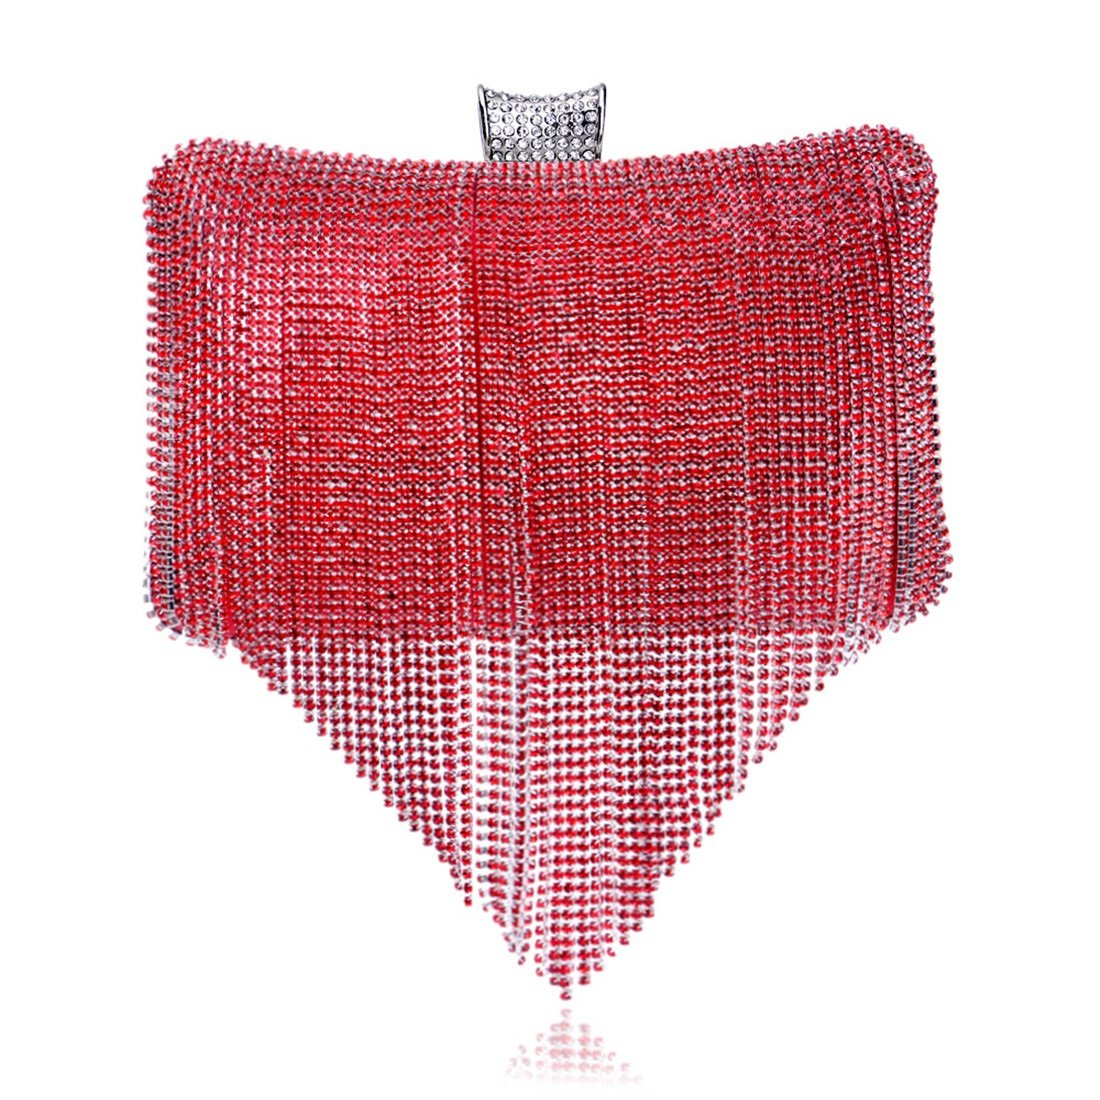 Yajiemei Frauen Frauen Frauen wunderschöne Nachtclub Dame Tasche Diamant Abend Clutch Braut Handtasche Tasche (Farbe   rot) B07MR86HRL Clutches eine große Vielfalt von Waren d92947